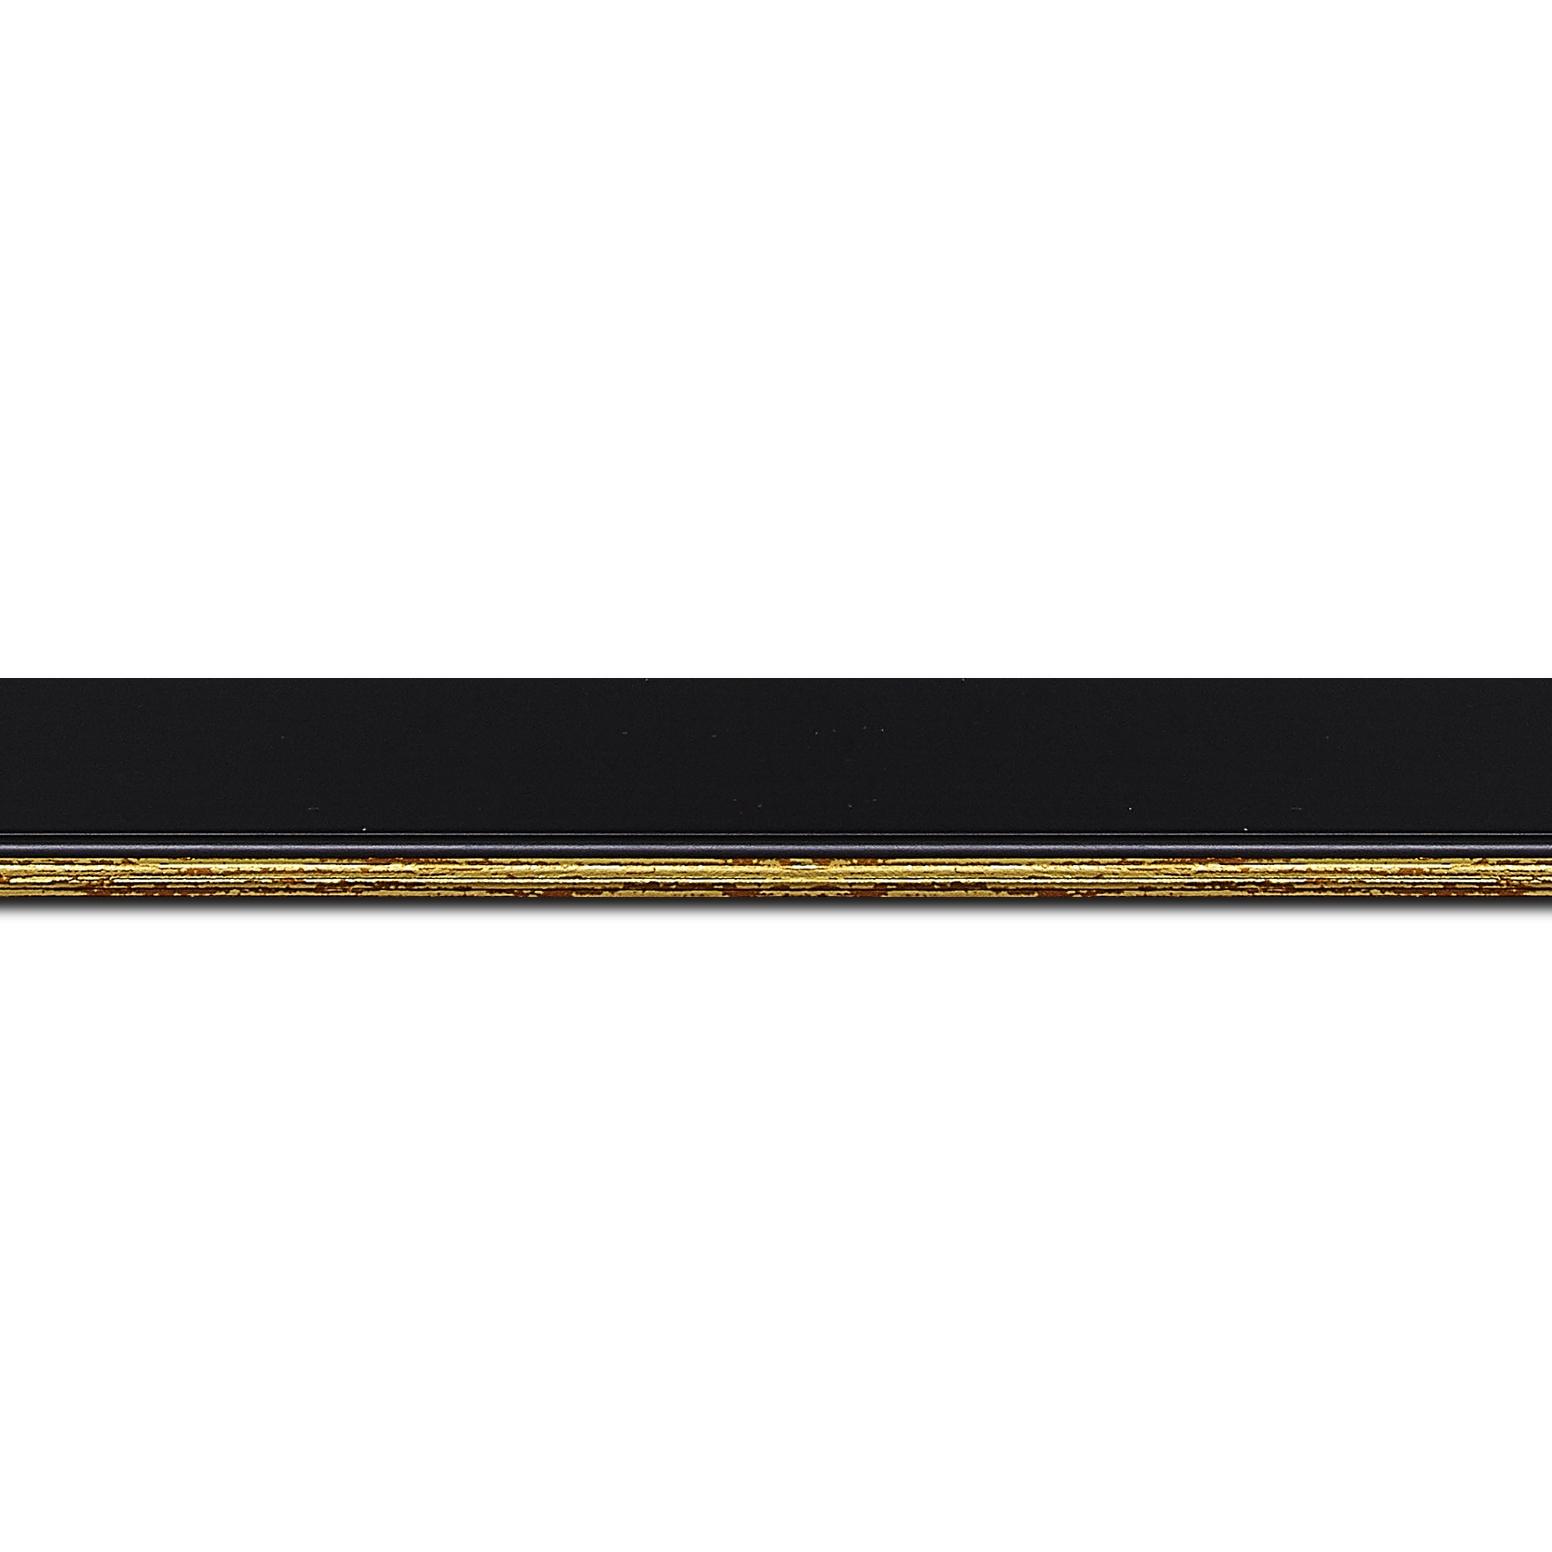 Pack par 12m, bois profil plat largeur 2.5cm couleur noir finition pore bouché filet or (longueur baguette pouvant varier entre 2.40m et 3m selon arrivage des bois)